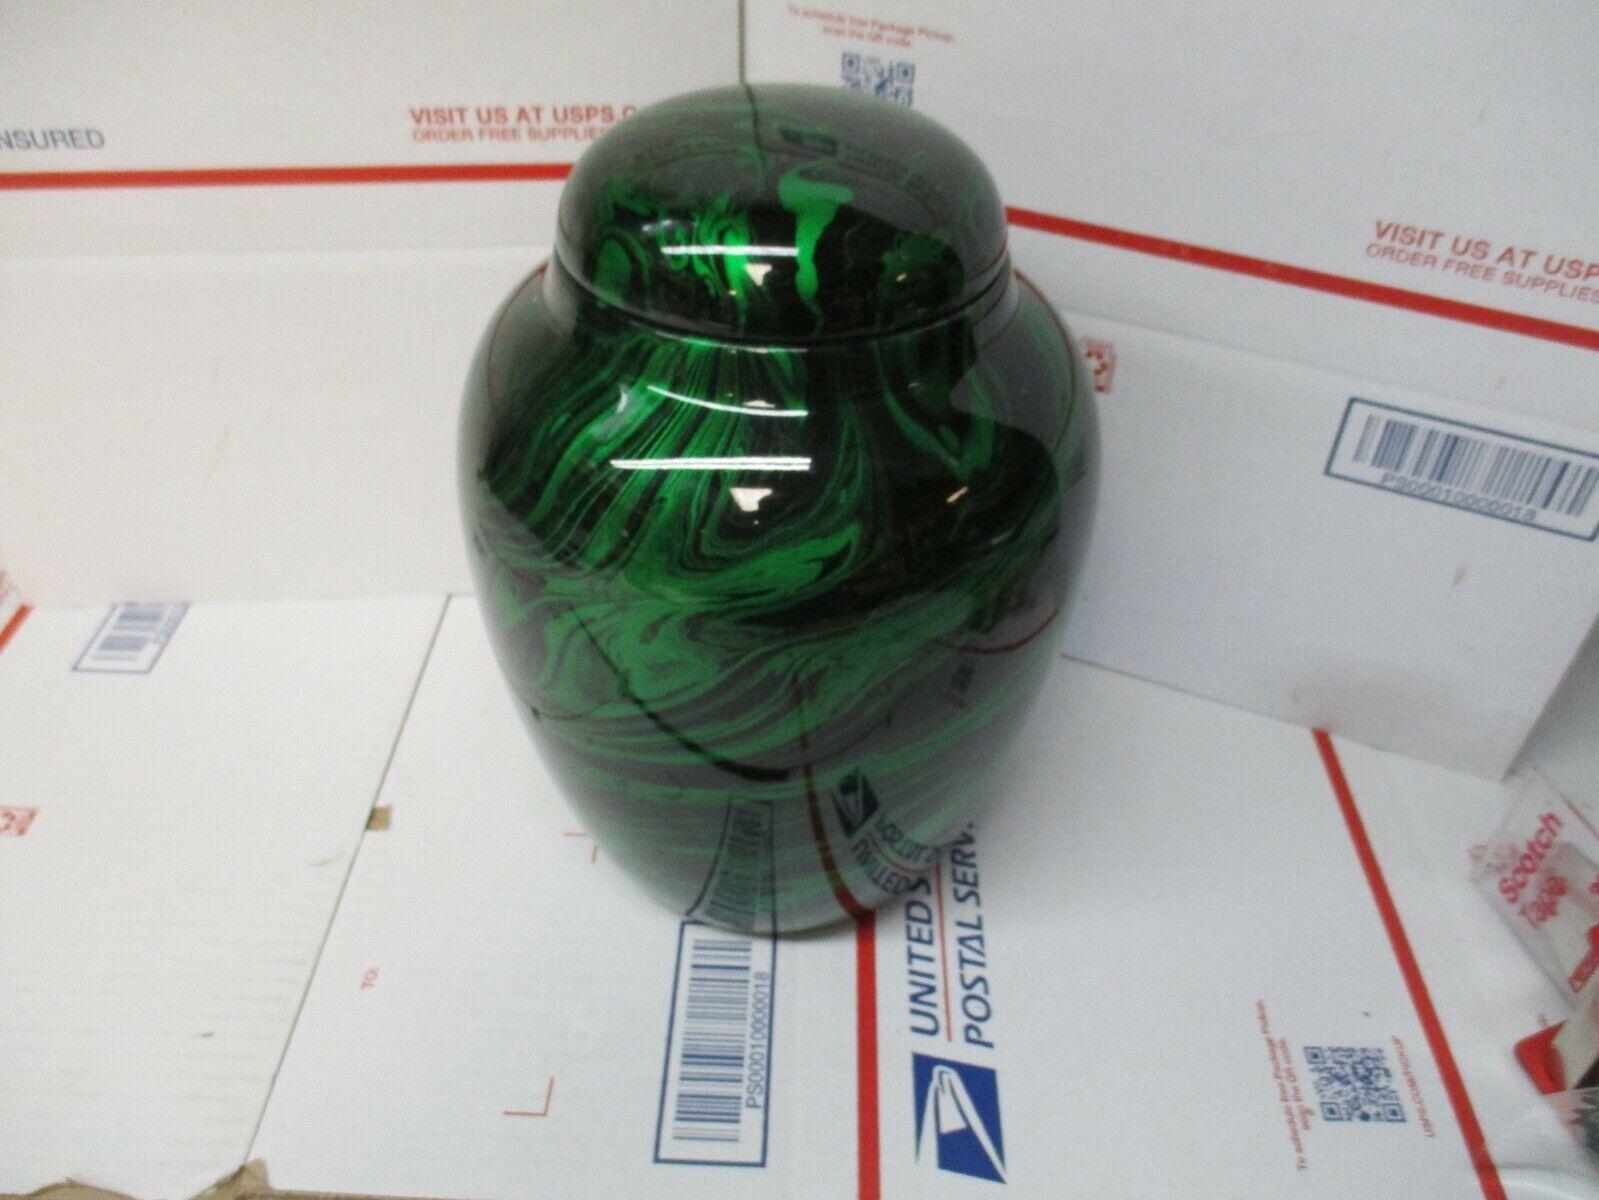 Adulto 210 pulgada cúbica Verde Fibra vidrio urna de la cremación NUEVO ENVÍO RÁPIDO/GRATIS